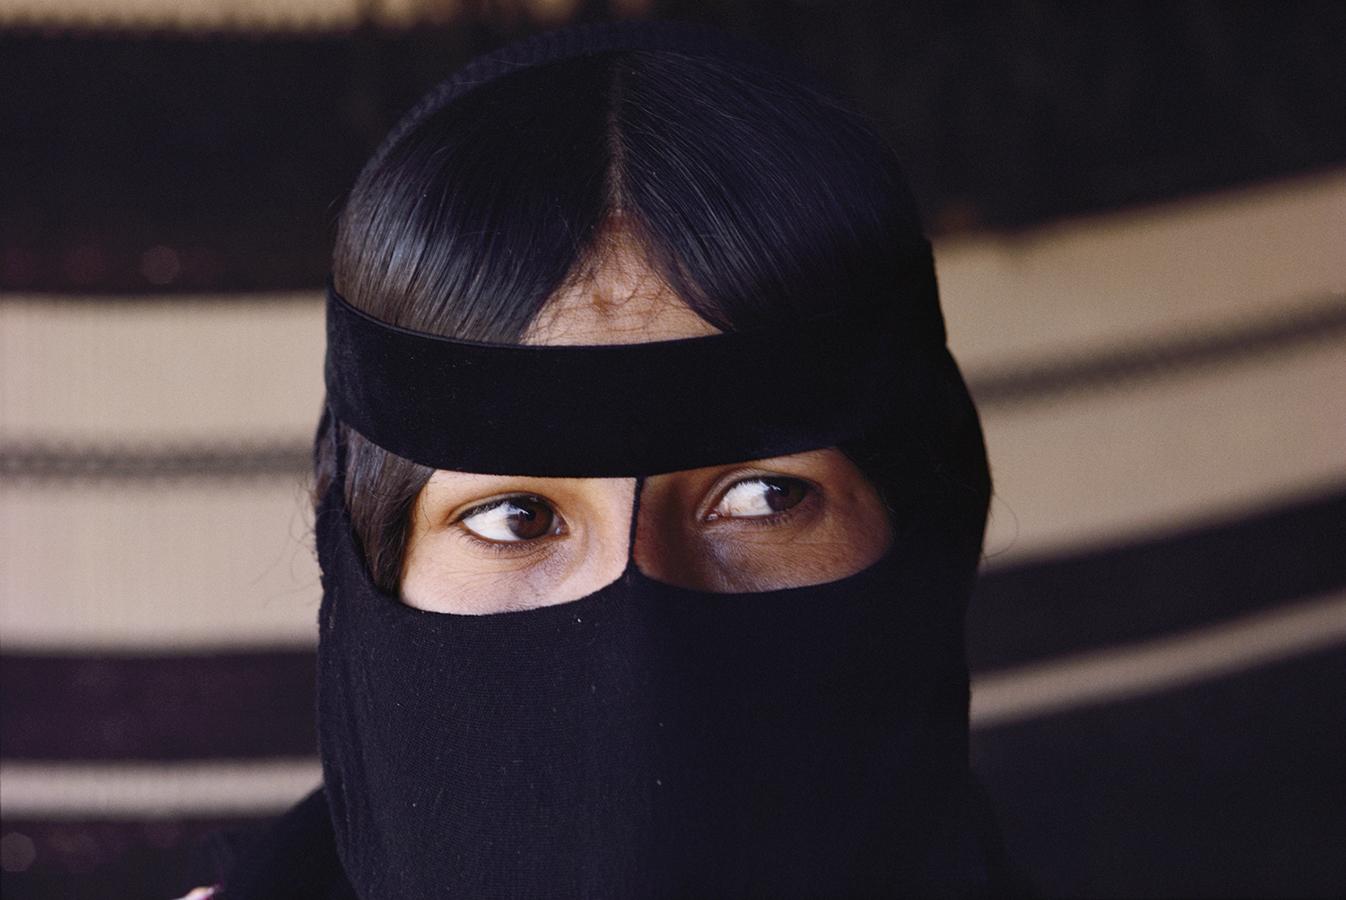 Saudi Woman | Photo by Jodi Cobb